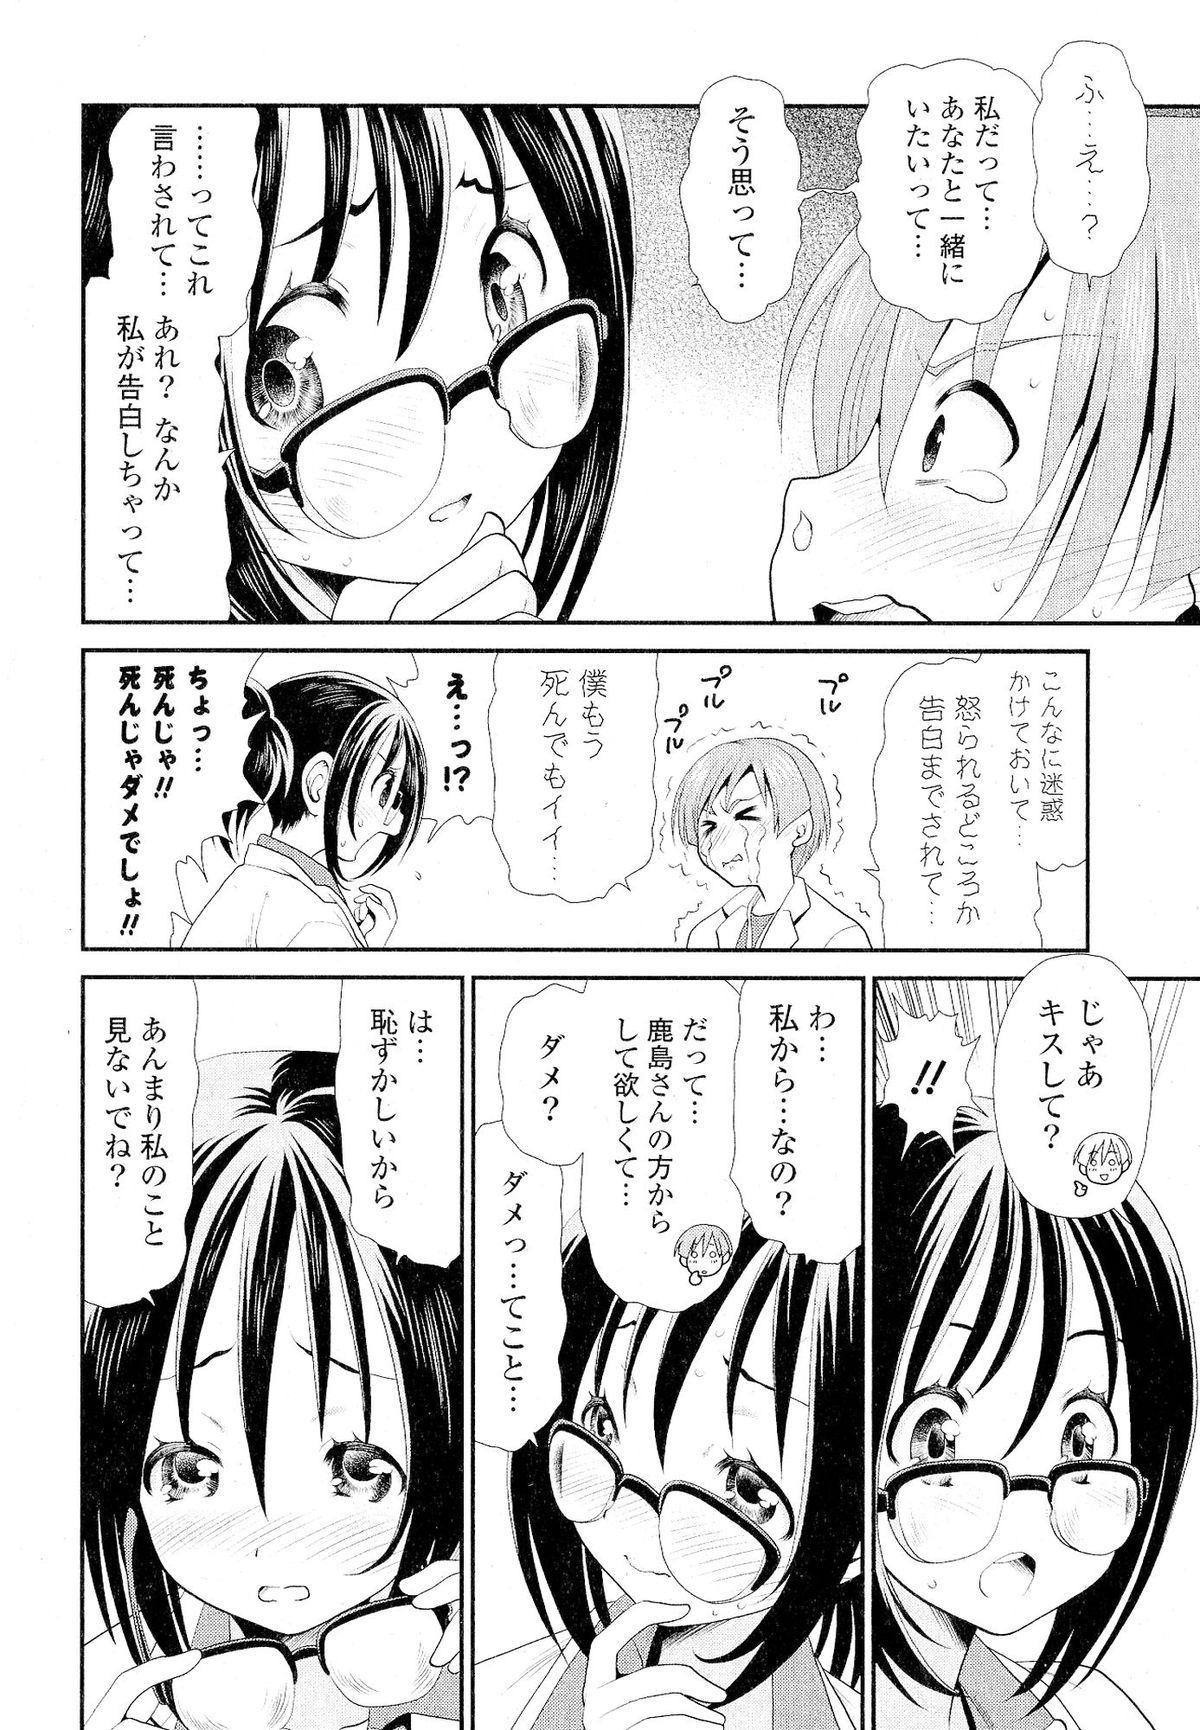 Doki ga Mune Mune Chichimusume 199